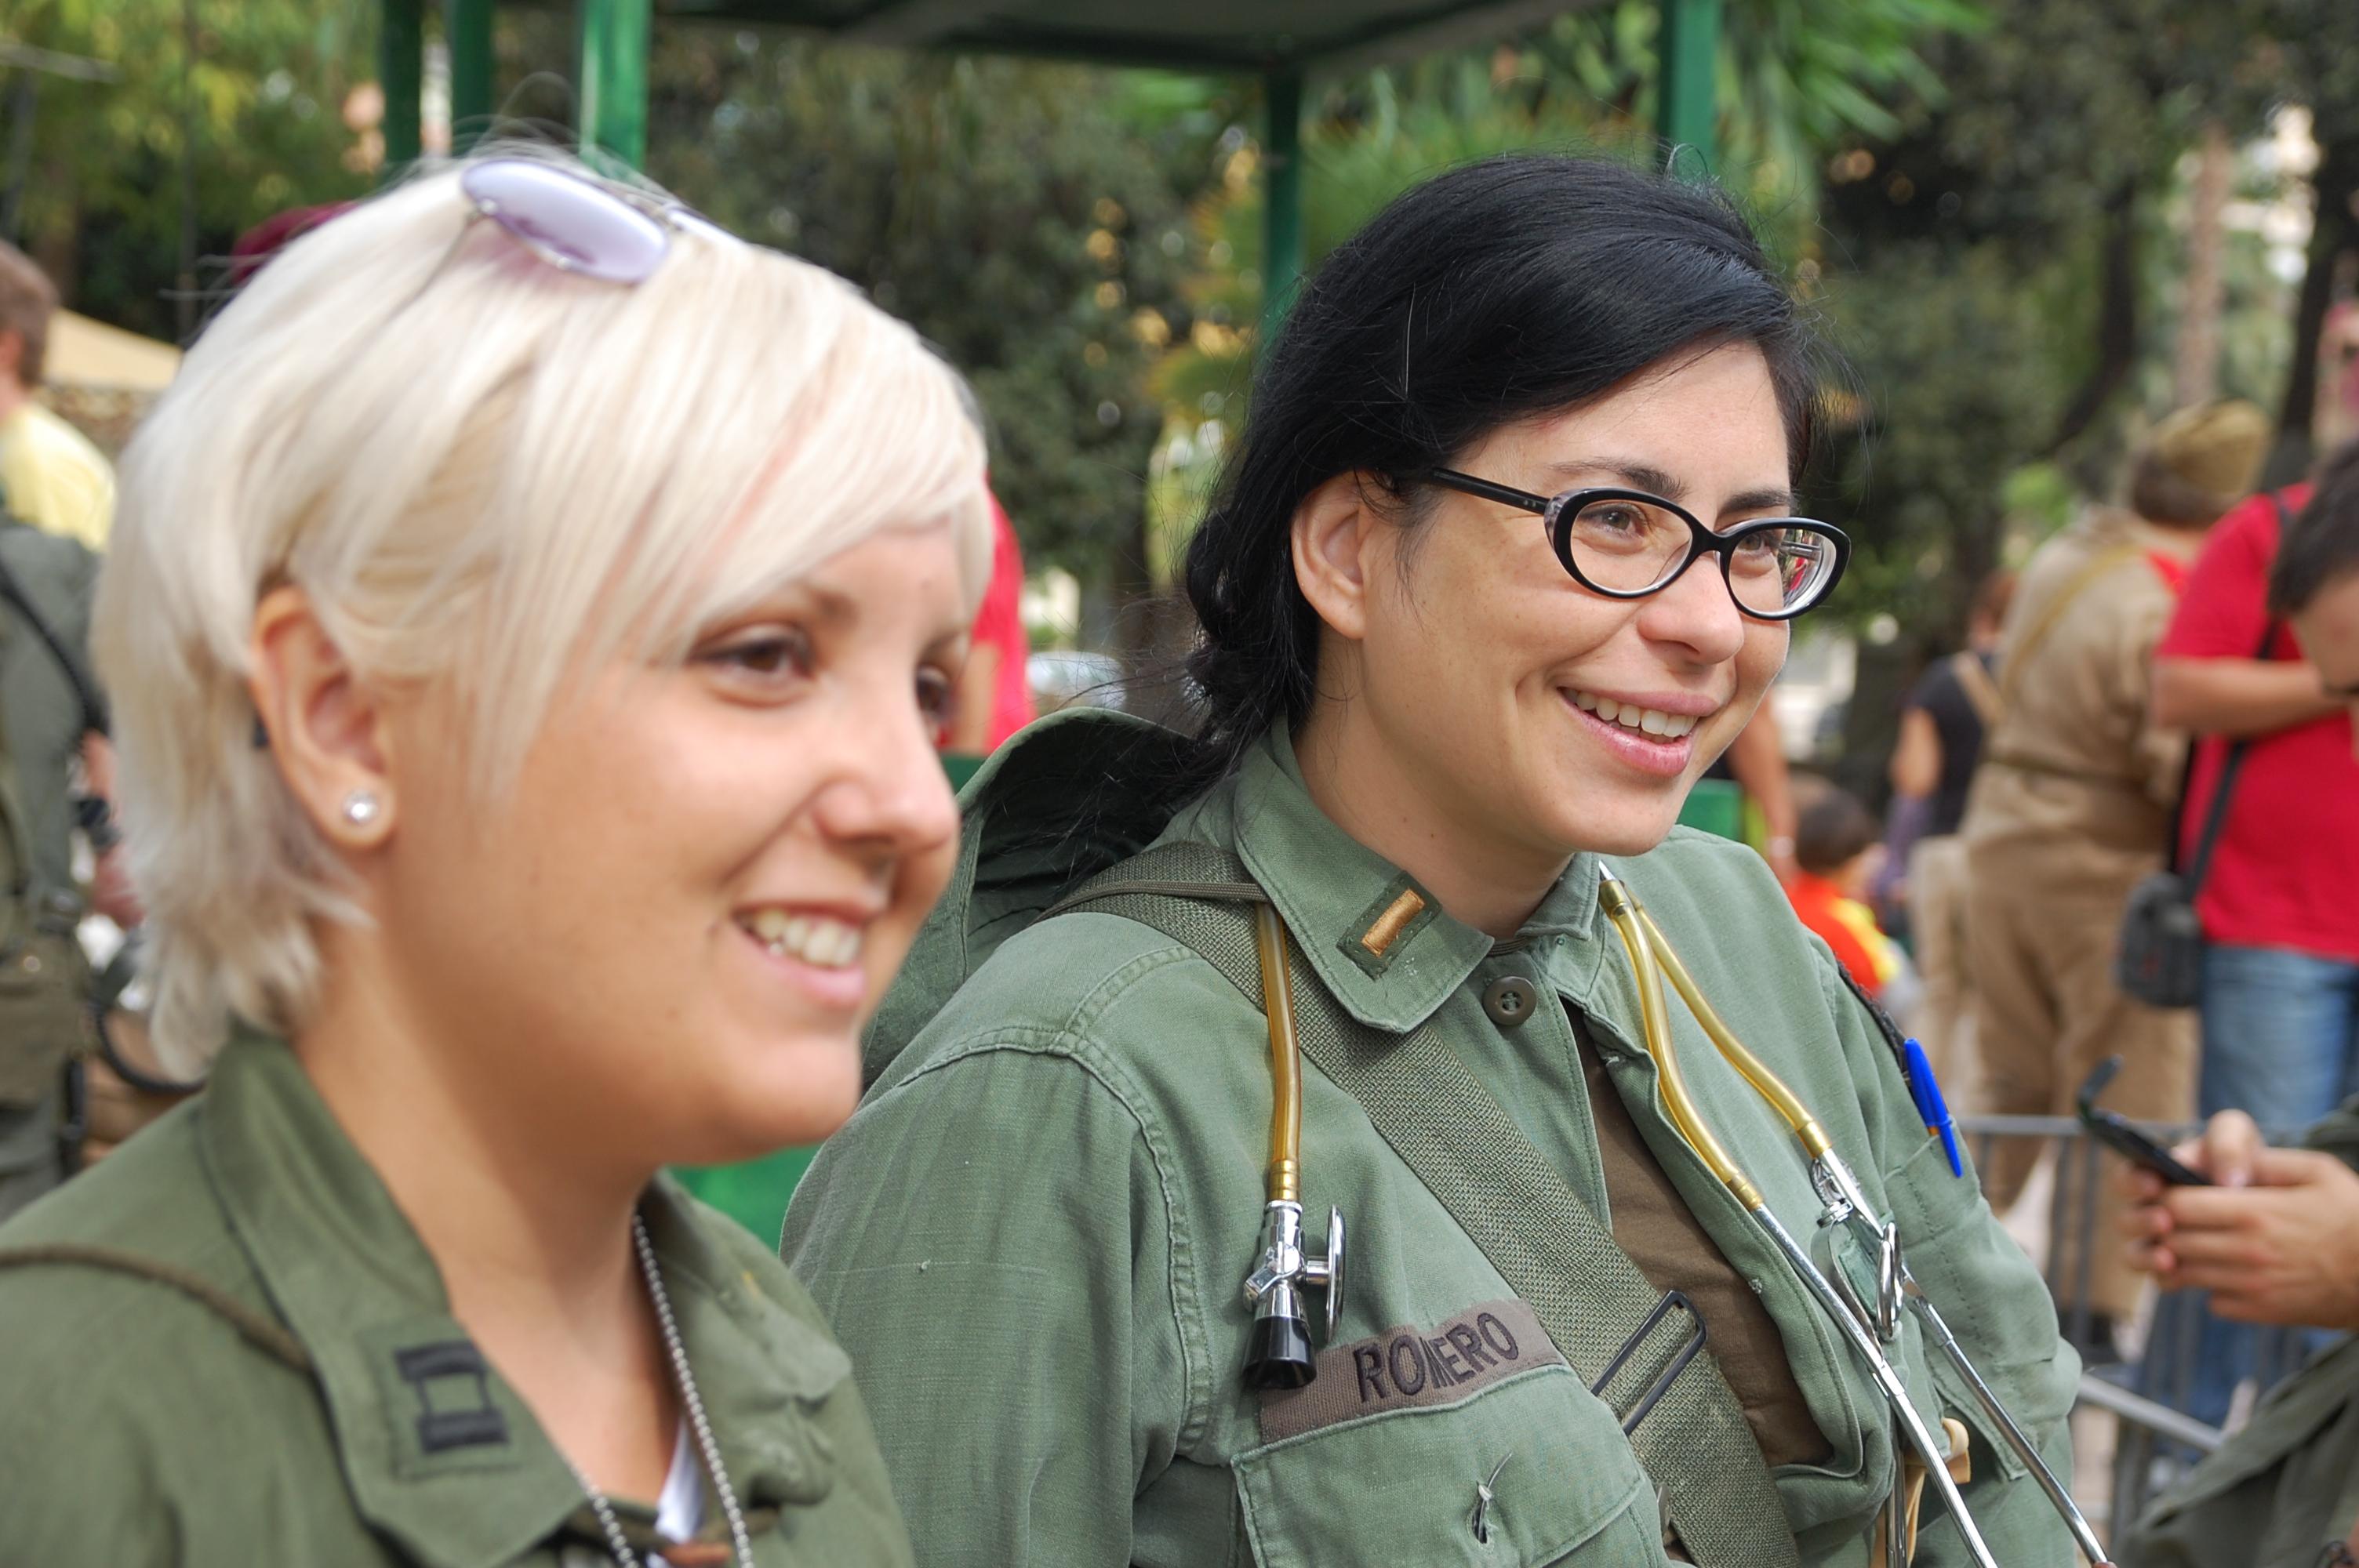 Murcia 2012 : Seleccion de Fotos Dsc0369nk